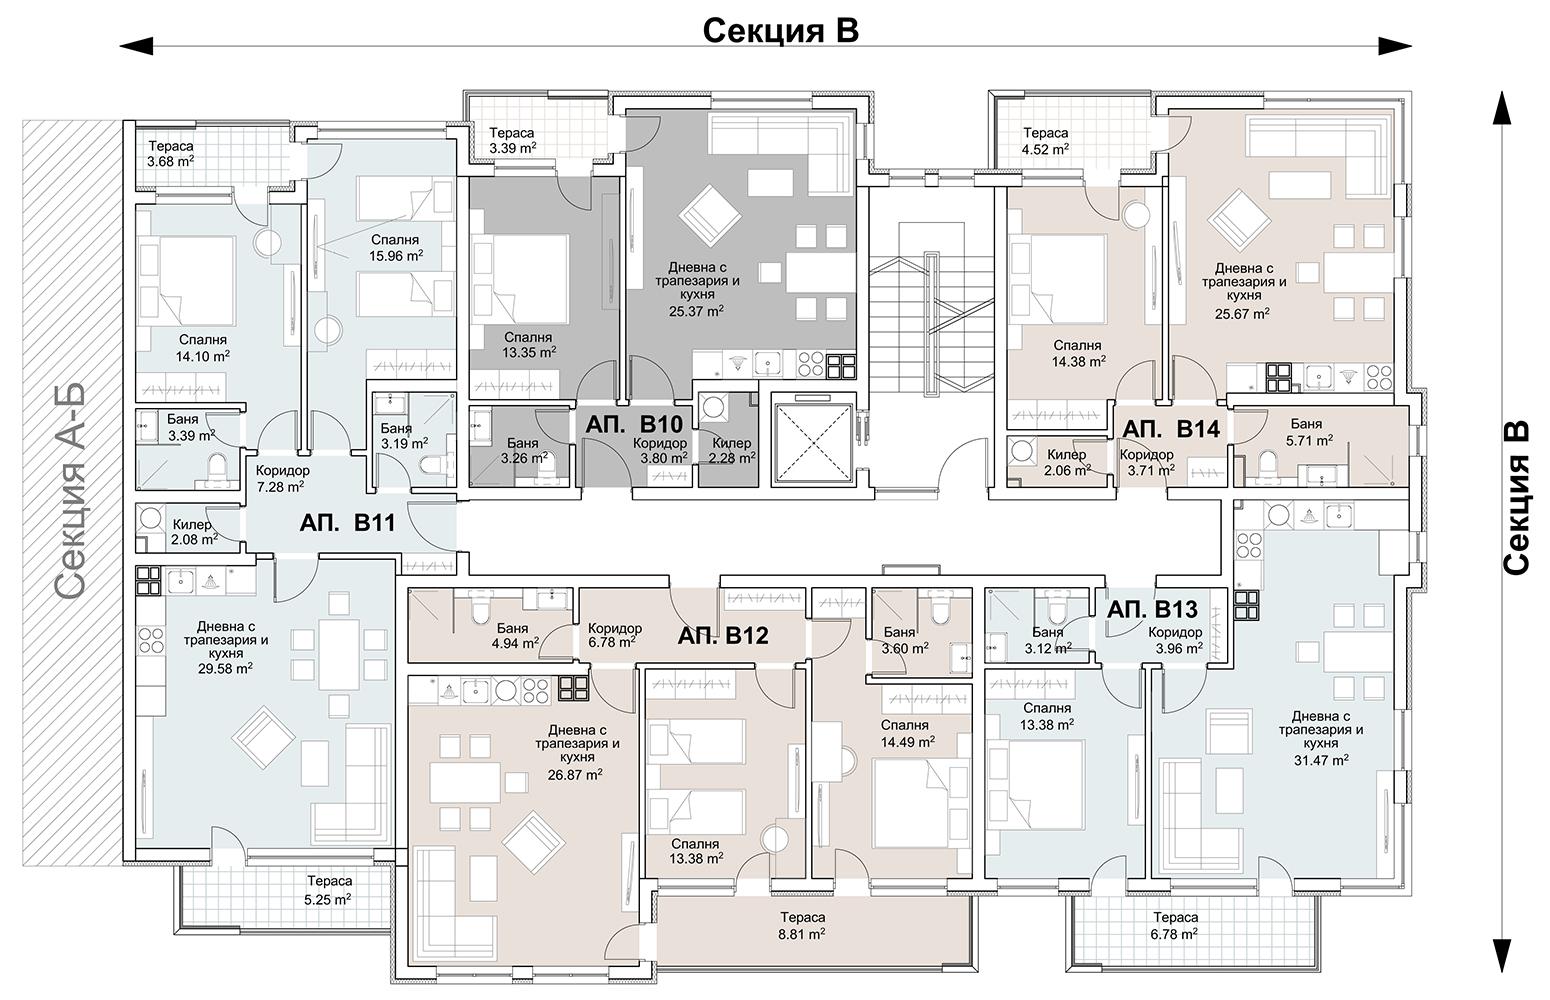 Сграда 5, вход В, ет. 3